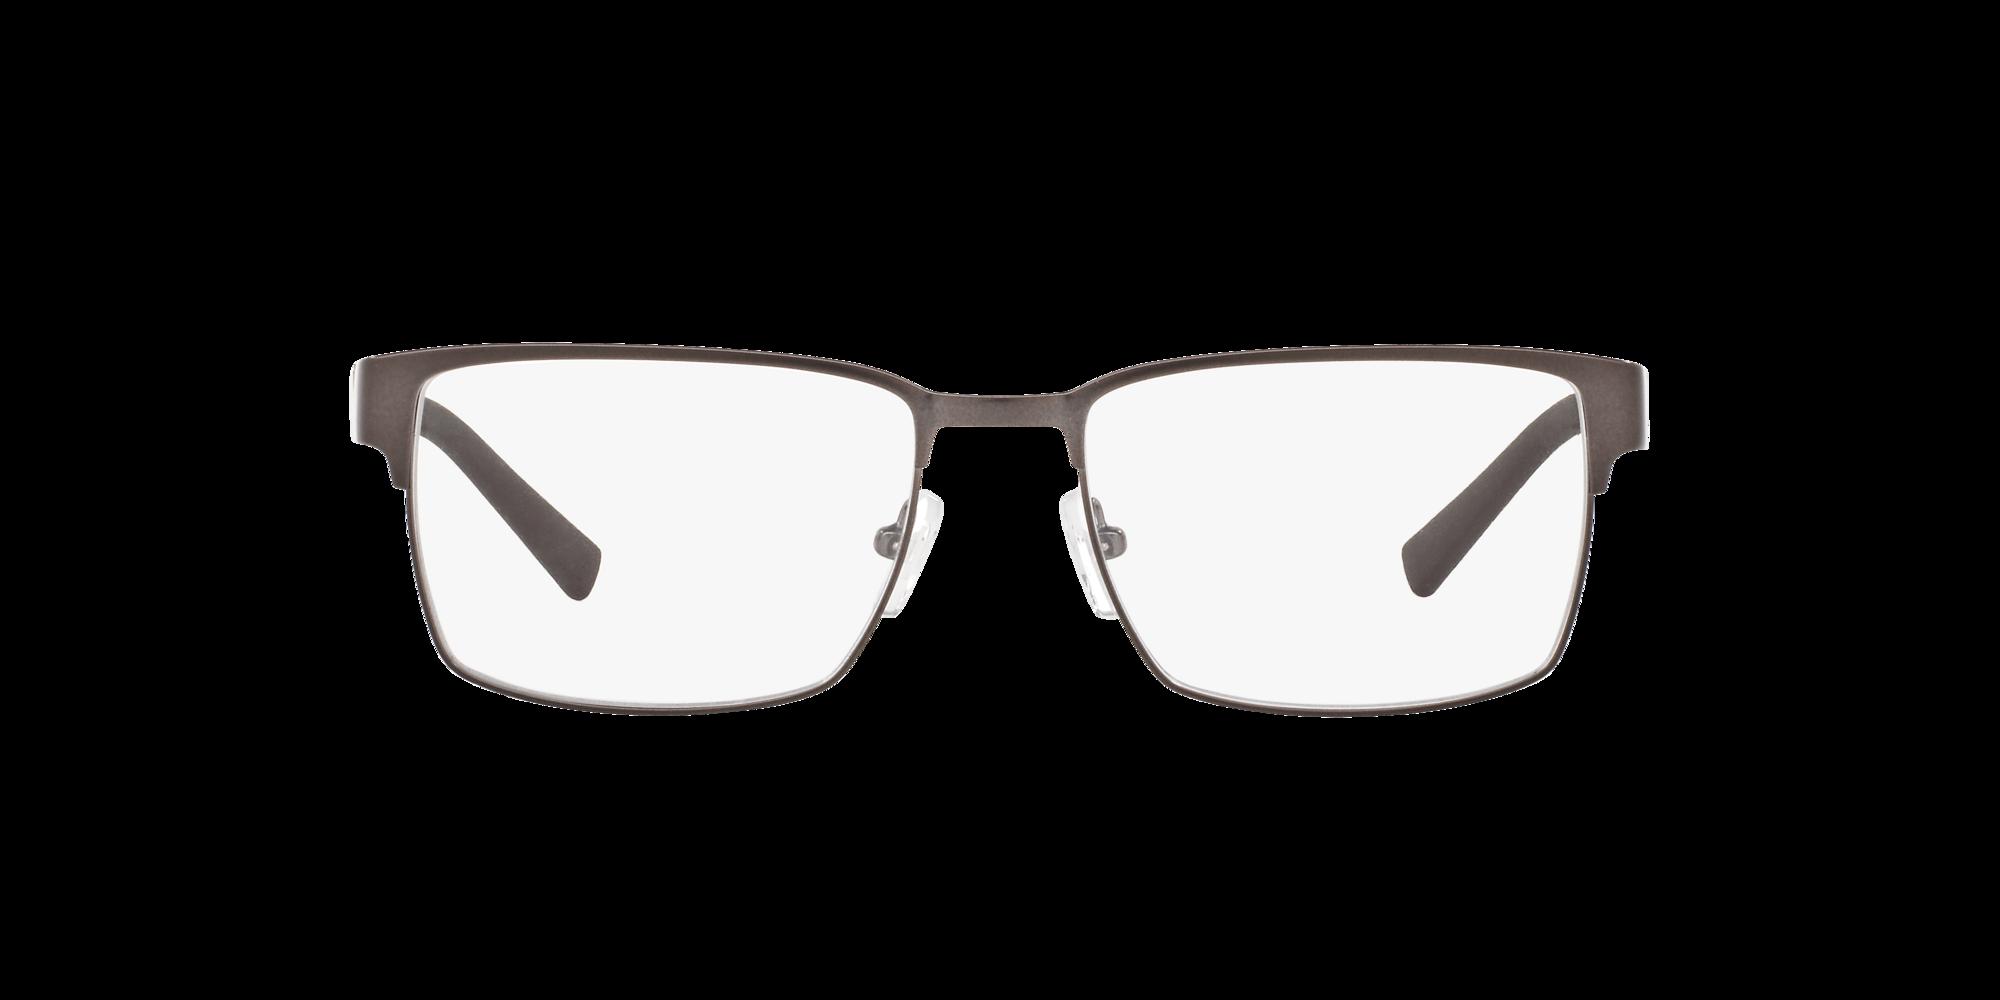 Imagen para AX1019 de LensCrafters |  Espejuelos, espejuelos graduados en línea, gafas